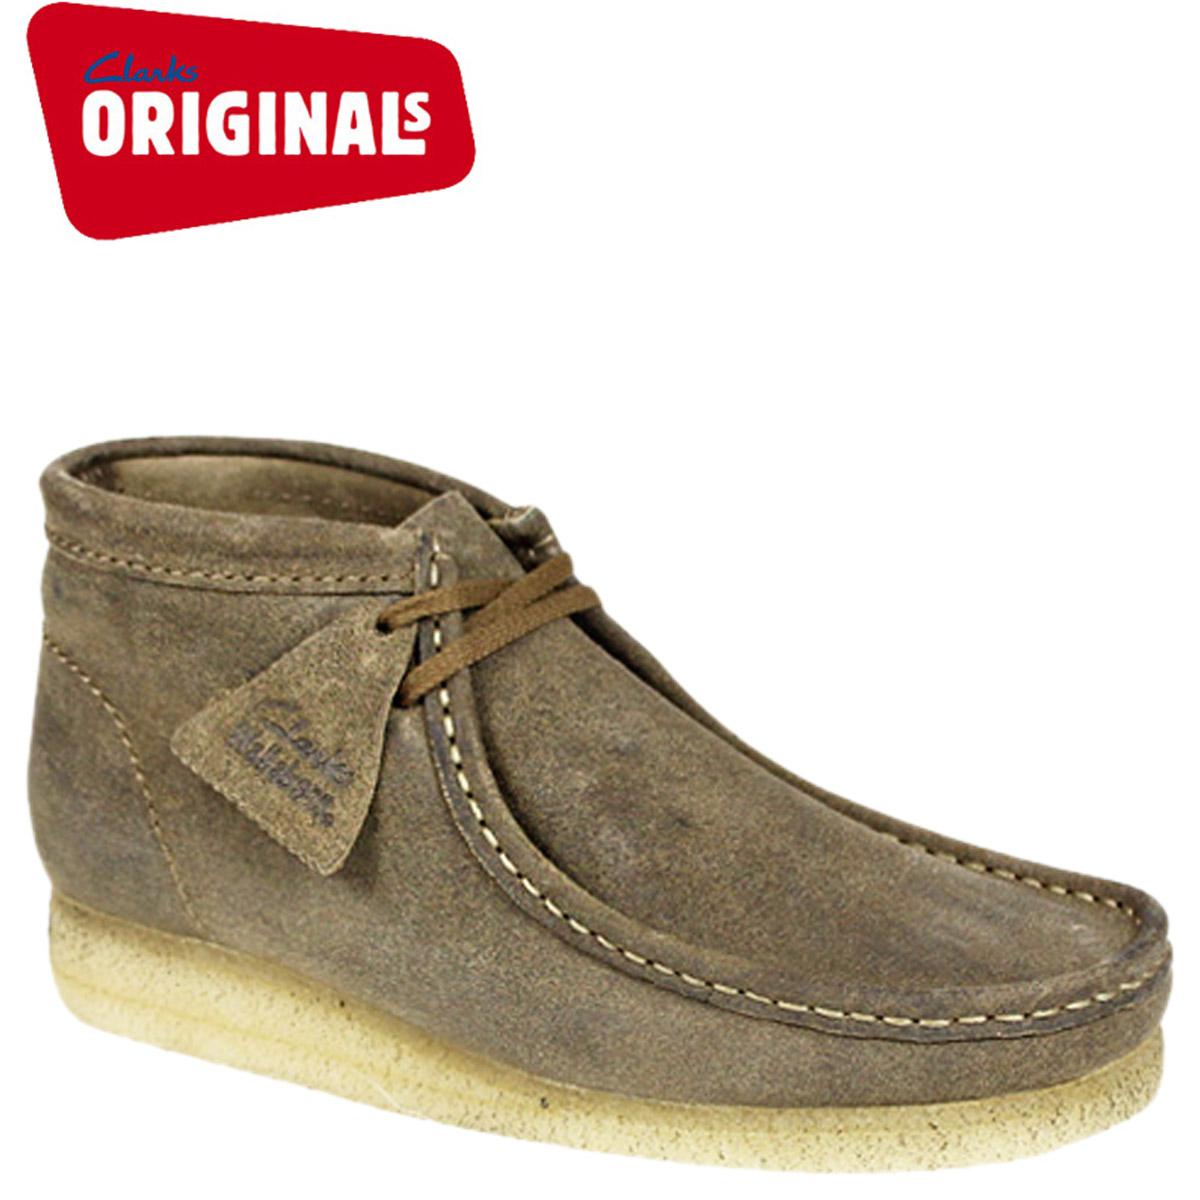 1e61f7e4e0d0 ALLSPORTS  Point 2 x Clarks originals Clarks ORIGINALS Wallaby boots ...